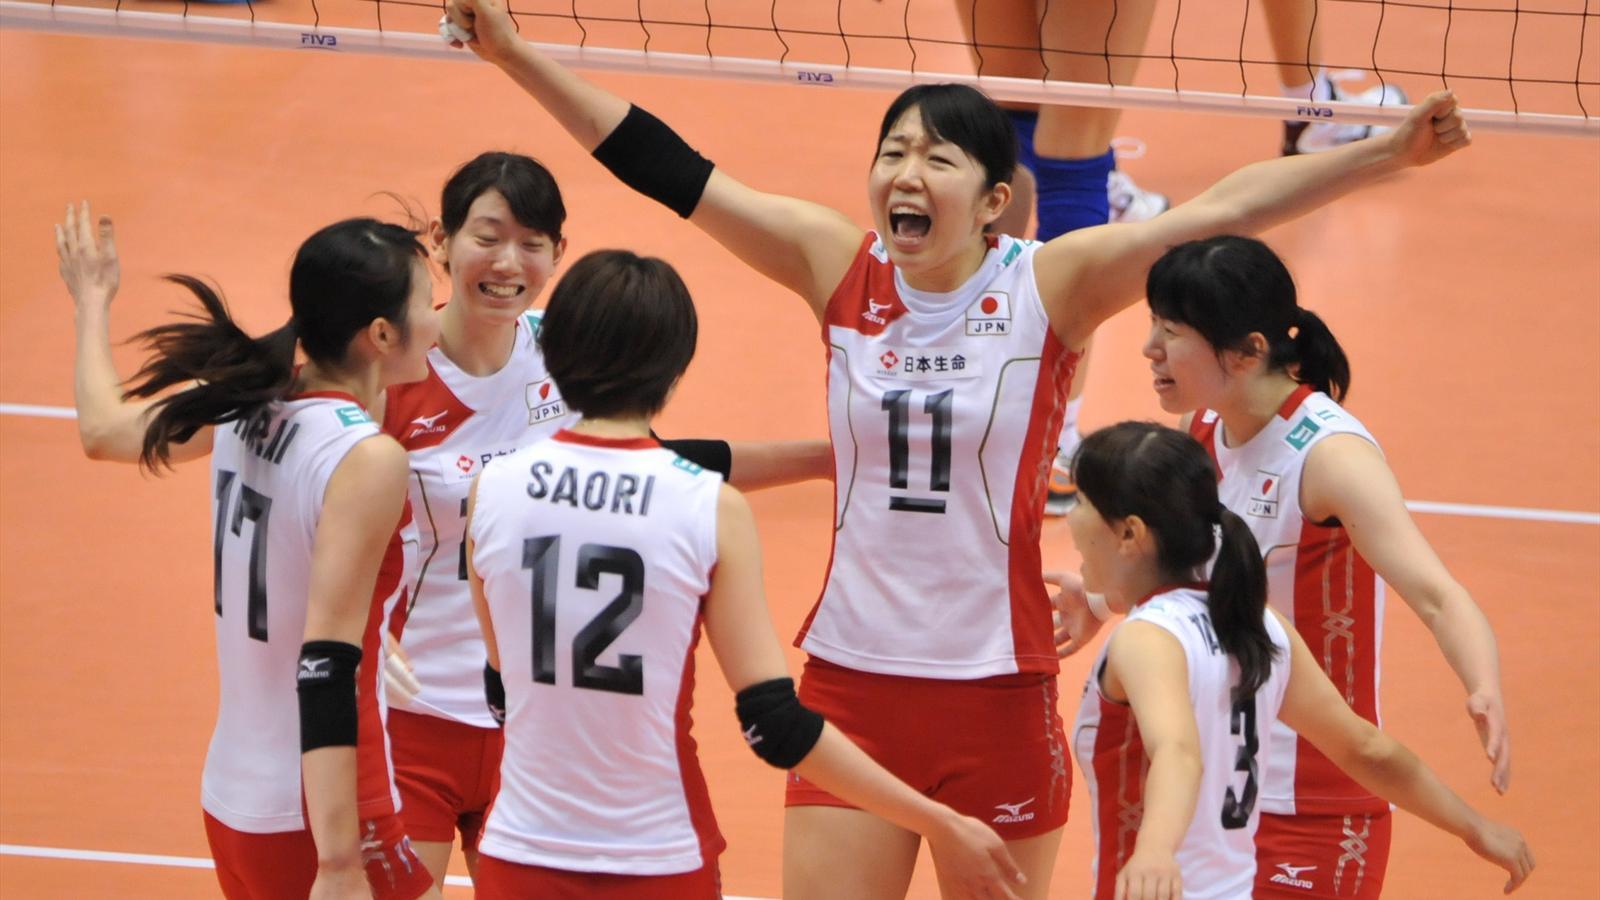 разобрать основные фото японских волейболисток образ